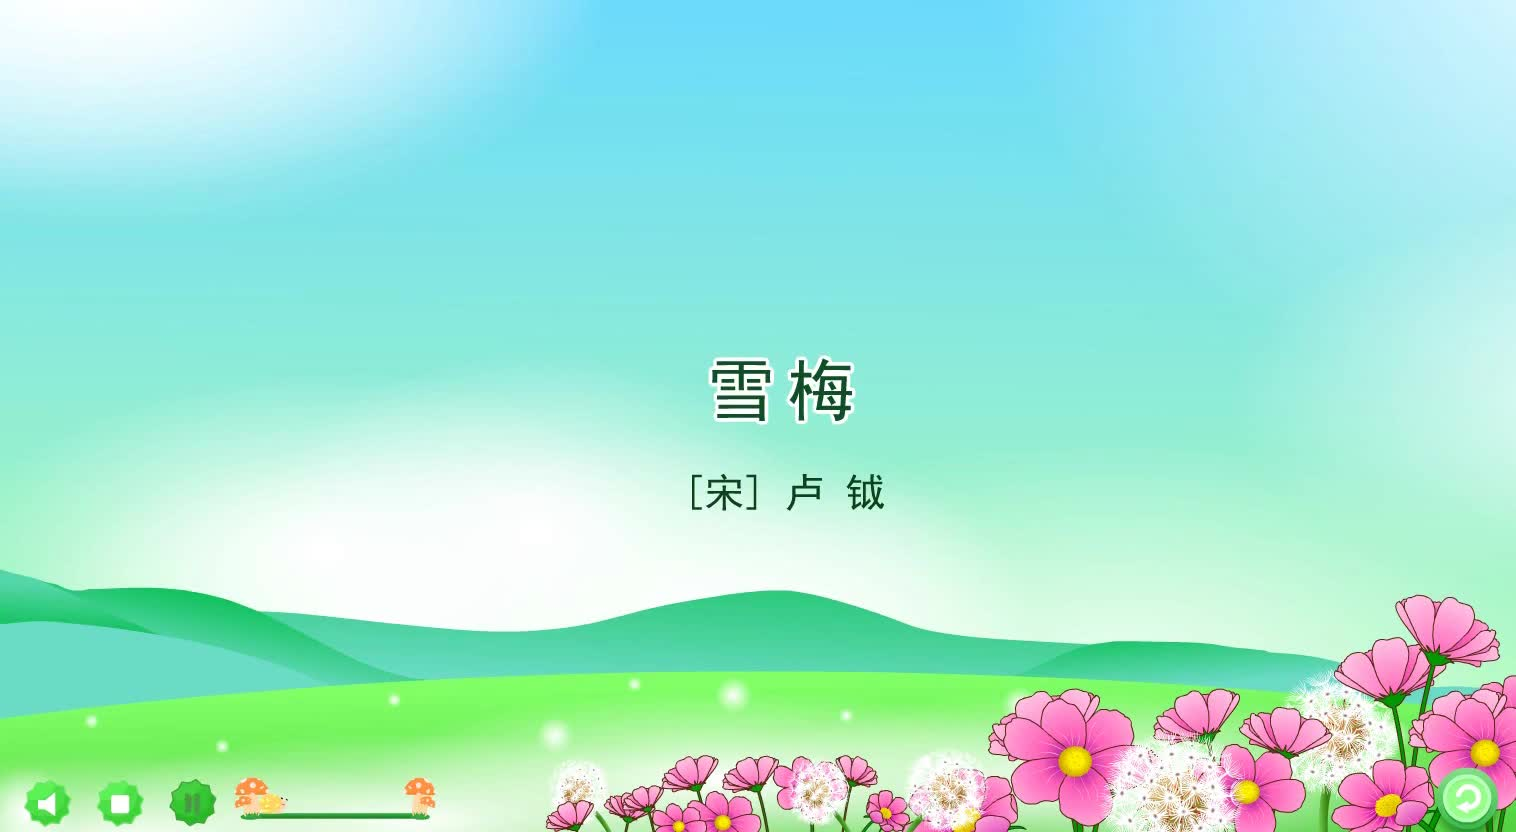 人教部编版语文四年级上册《9古诗三首雪梅 》情景动画朗读.mp4